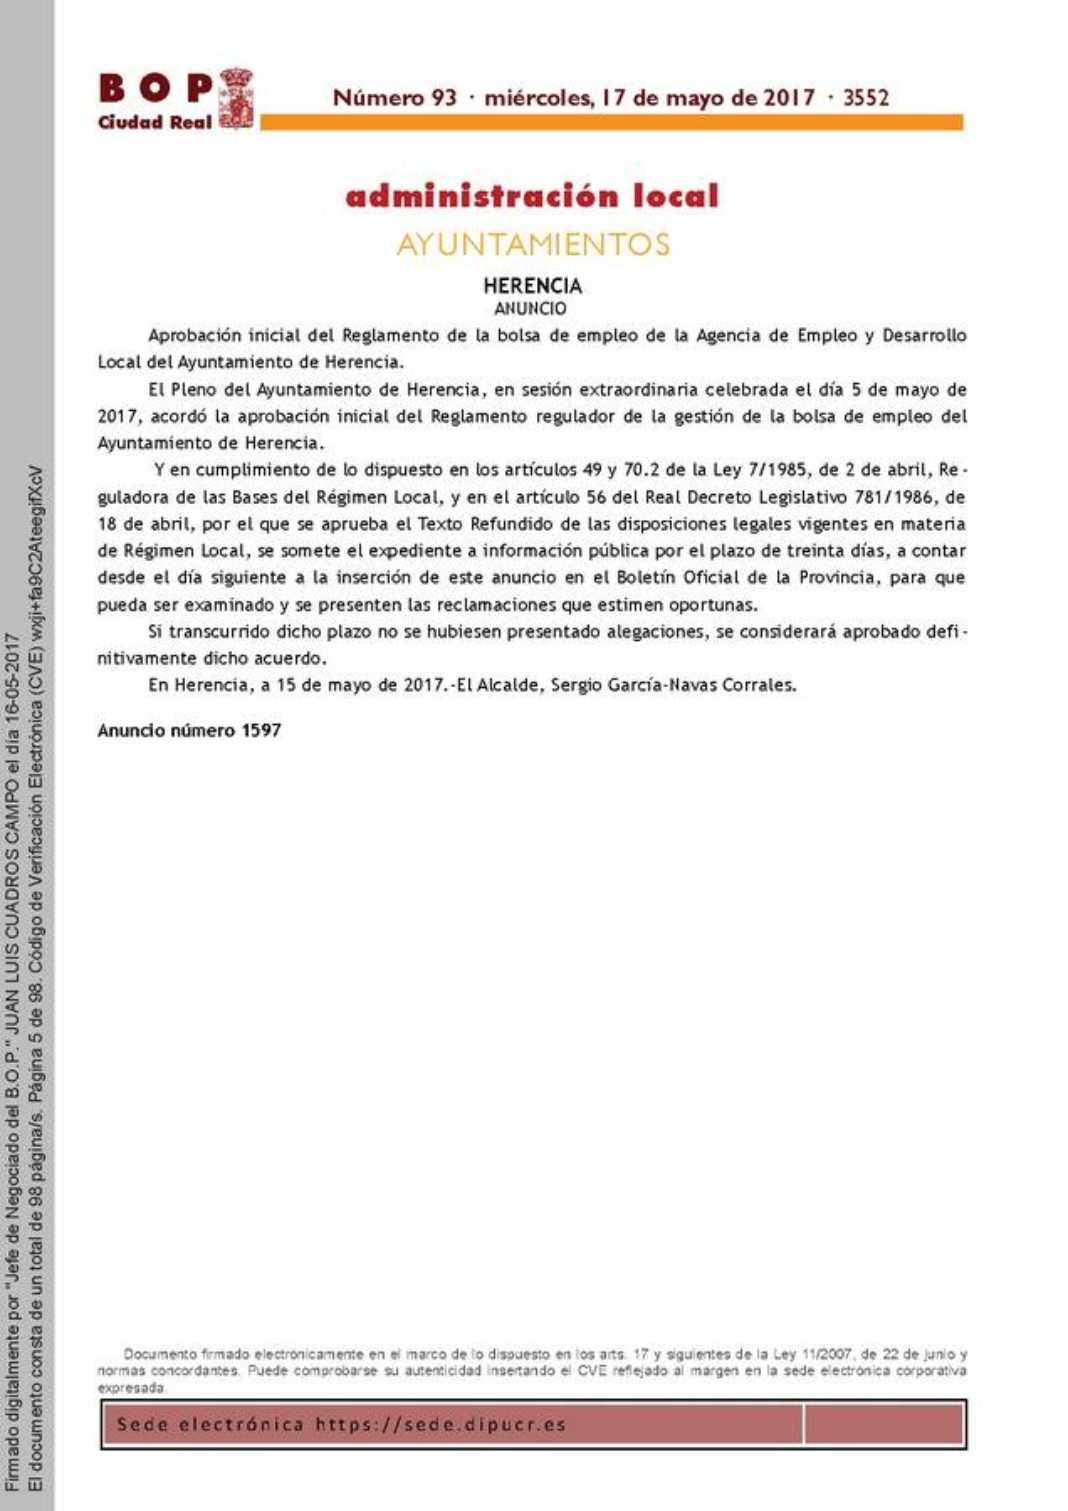 Aprobación inicial del Reglamento de la bolsa de empleo de la Agencia de Empleo y Desarrollo Local 2